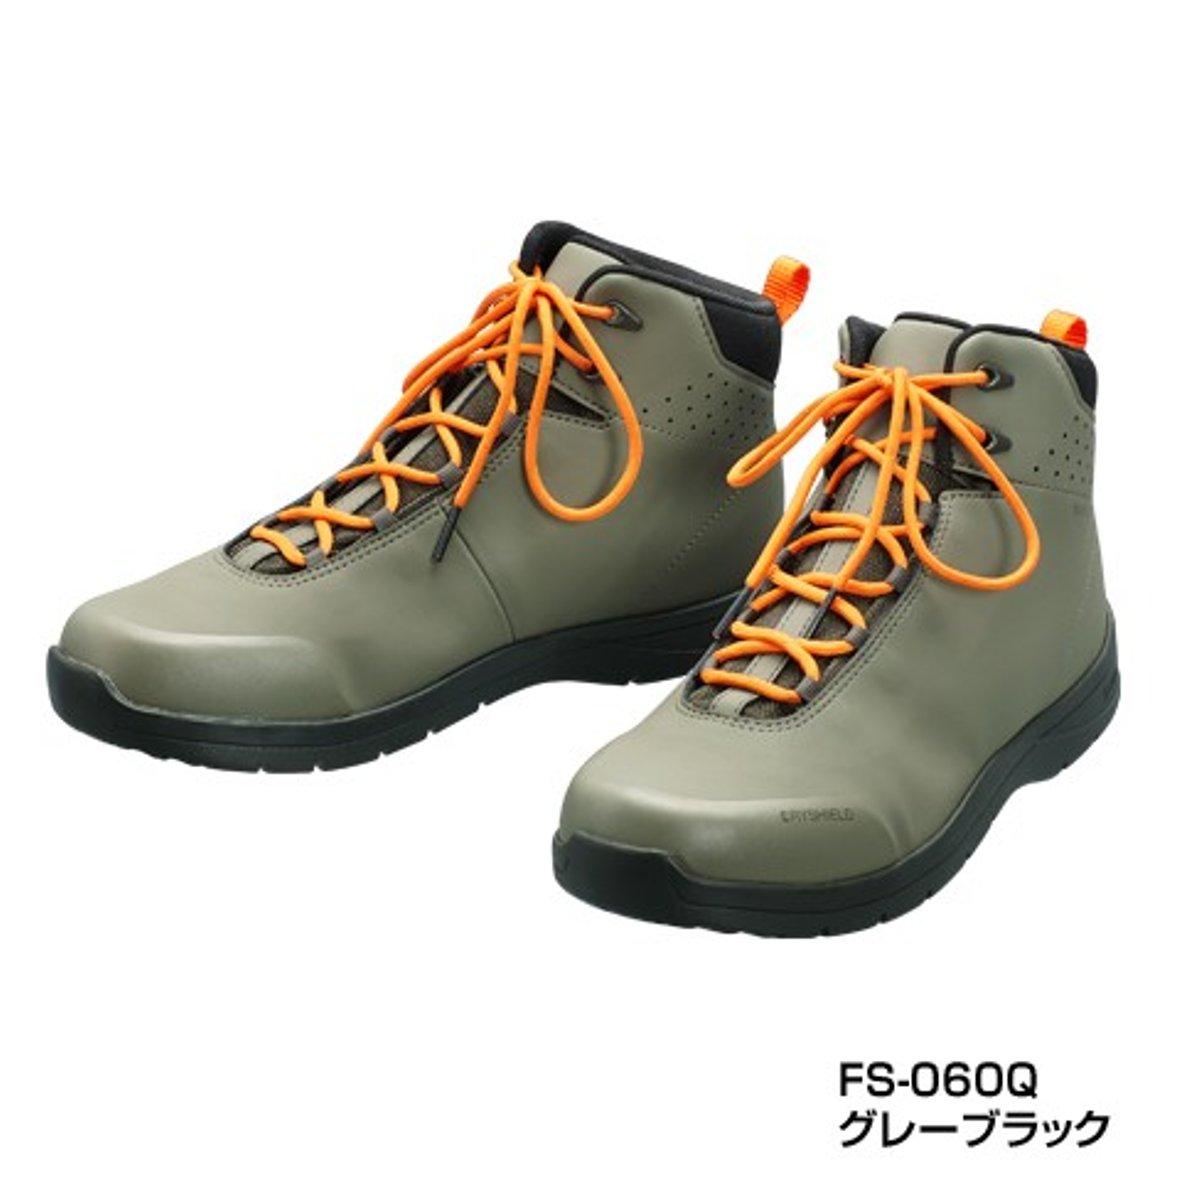 シマノ ドライシールド・ラジアルスパイクシューズ(ハイカットタイプ) FS-060Q 26.0cm グレーブラック